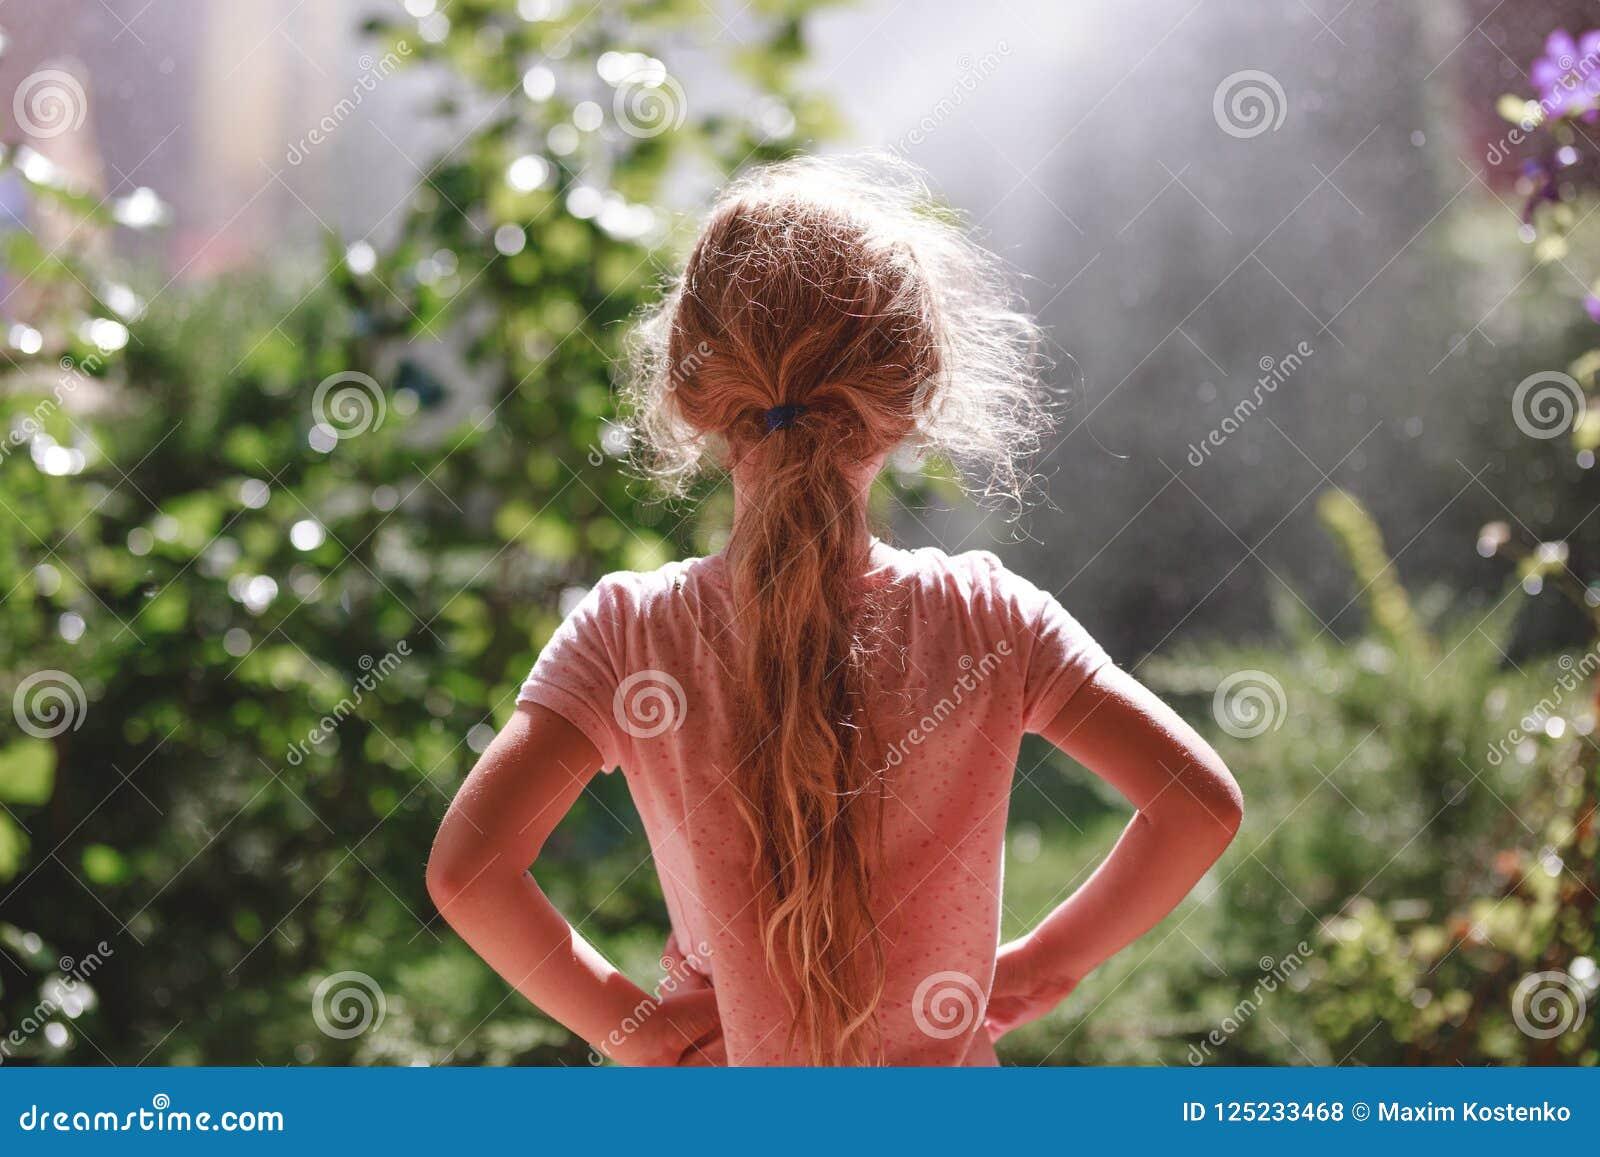 Ideia traseira de sete anos de pyjamas vestindo da menina loura idosa que estão exteriores no jardim home no amanhecer